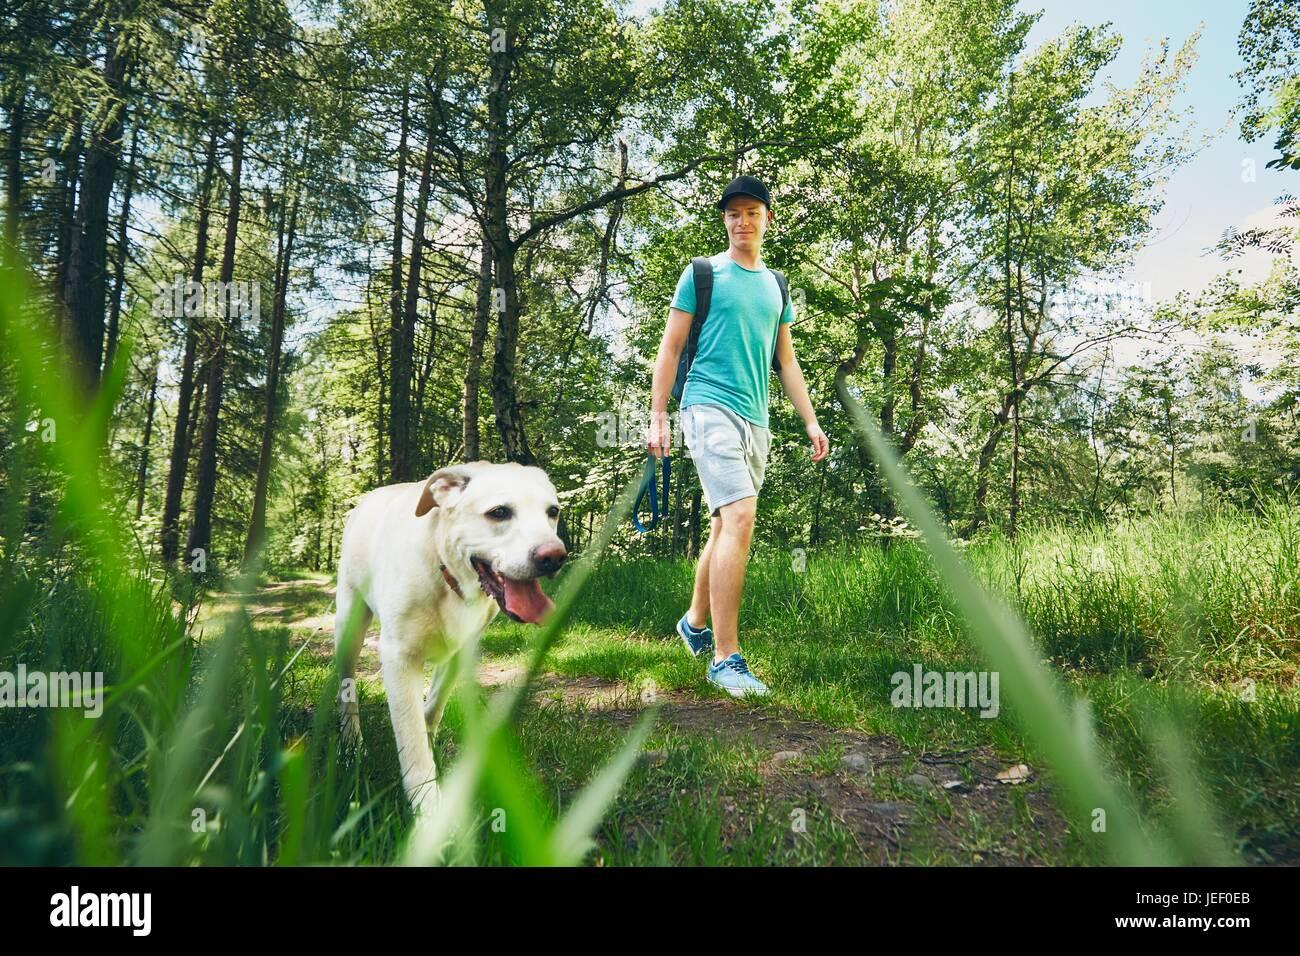 Joven caminando con su perro (labrador retriever) en el bosque. El horario de verano y vacaciones de tema. Imagen De Stock